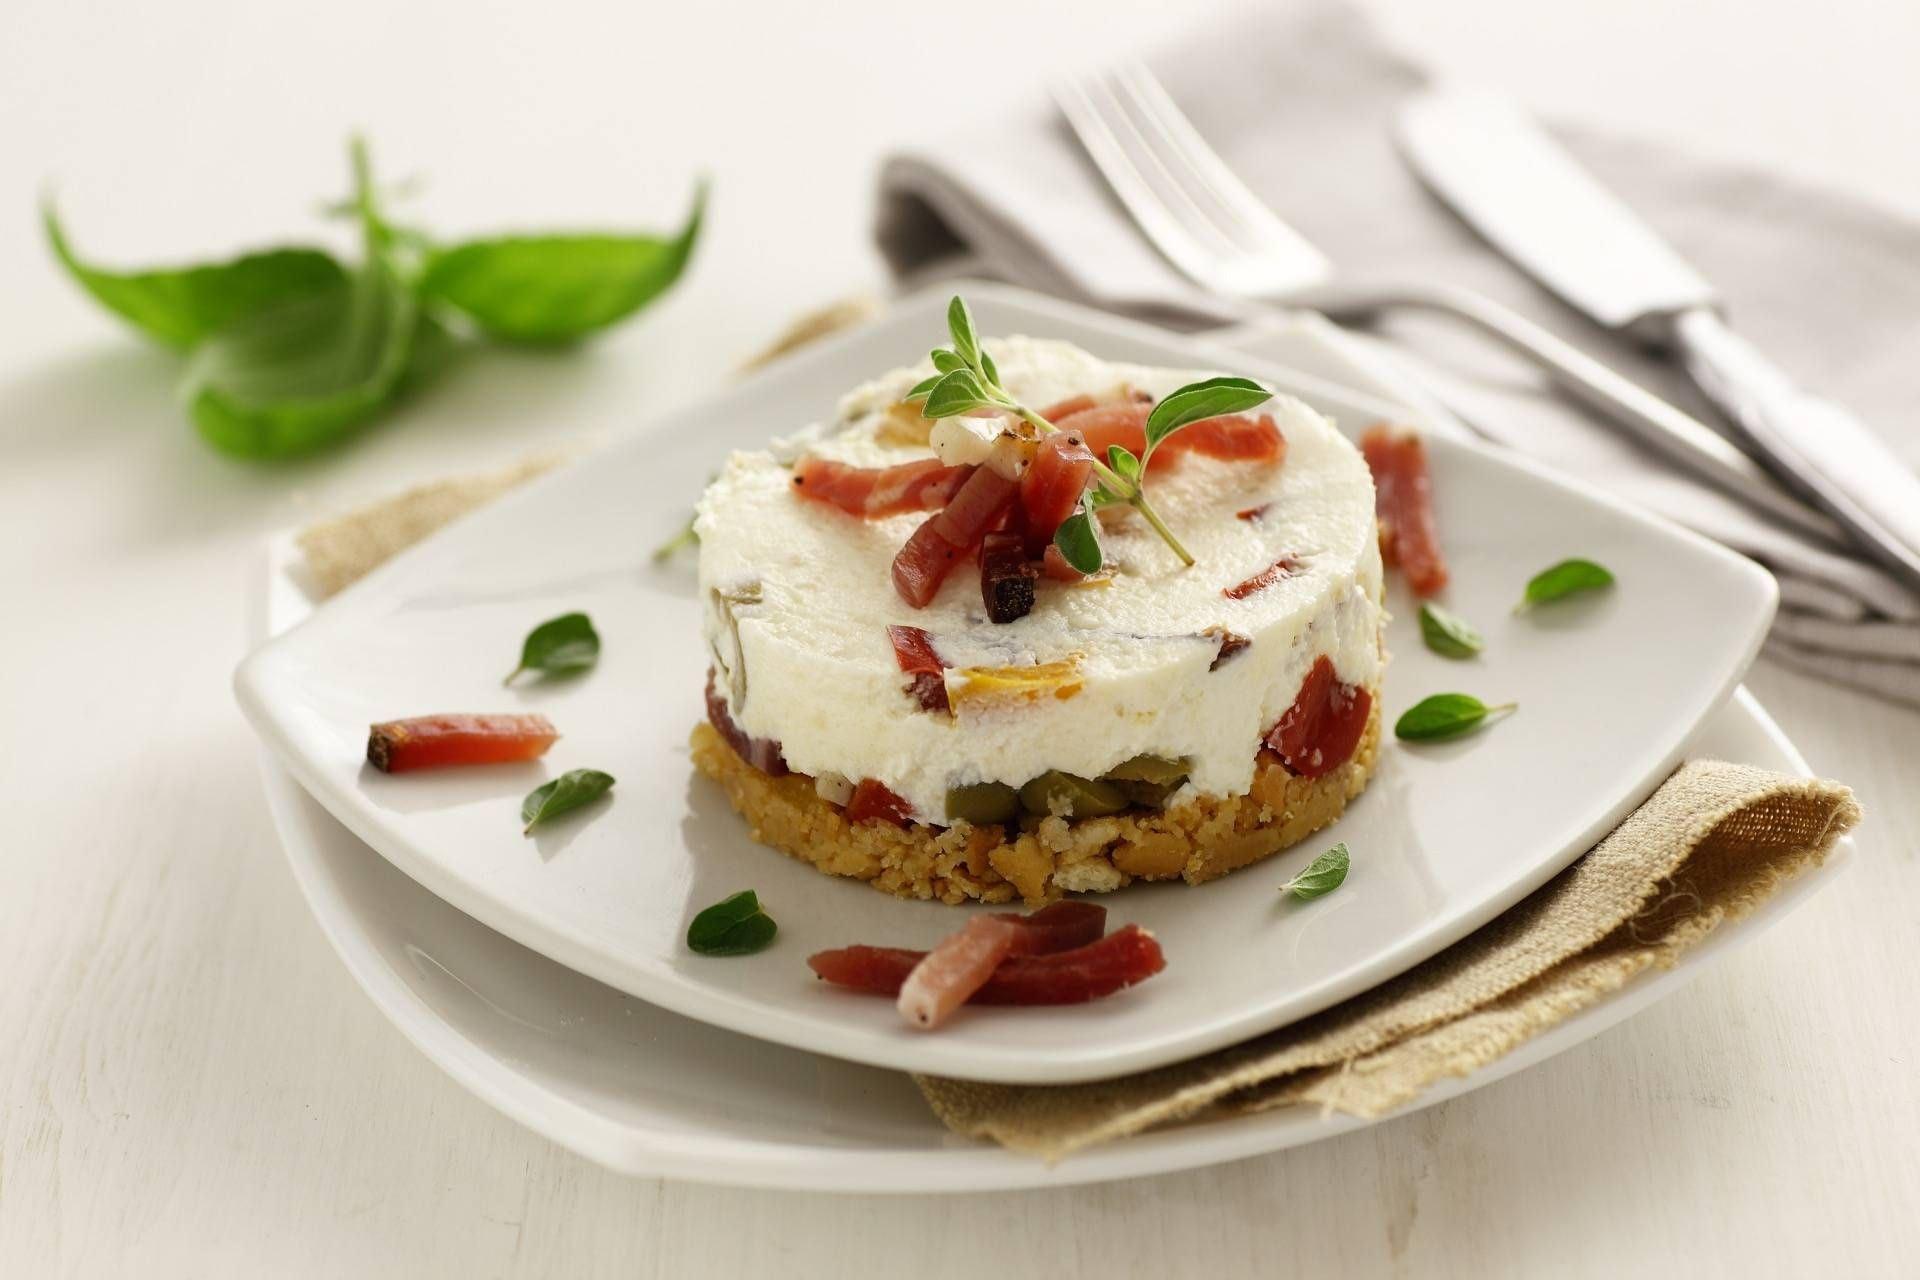 Piccoli cheesecake ai peperoni - Parmalat